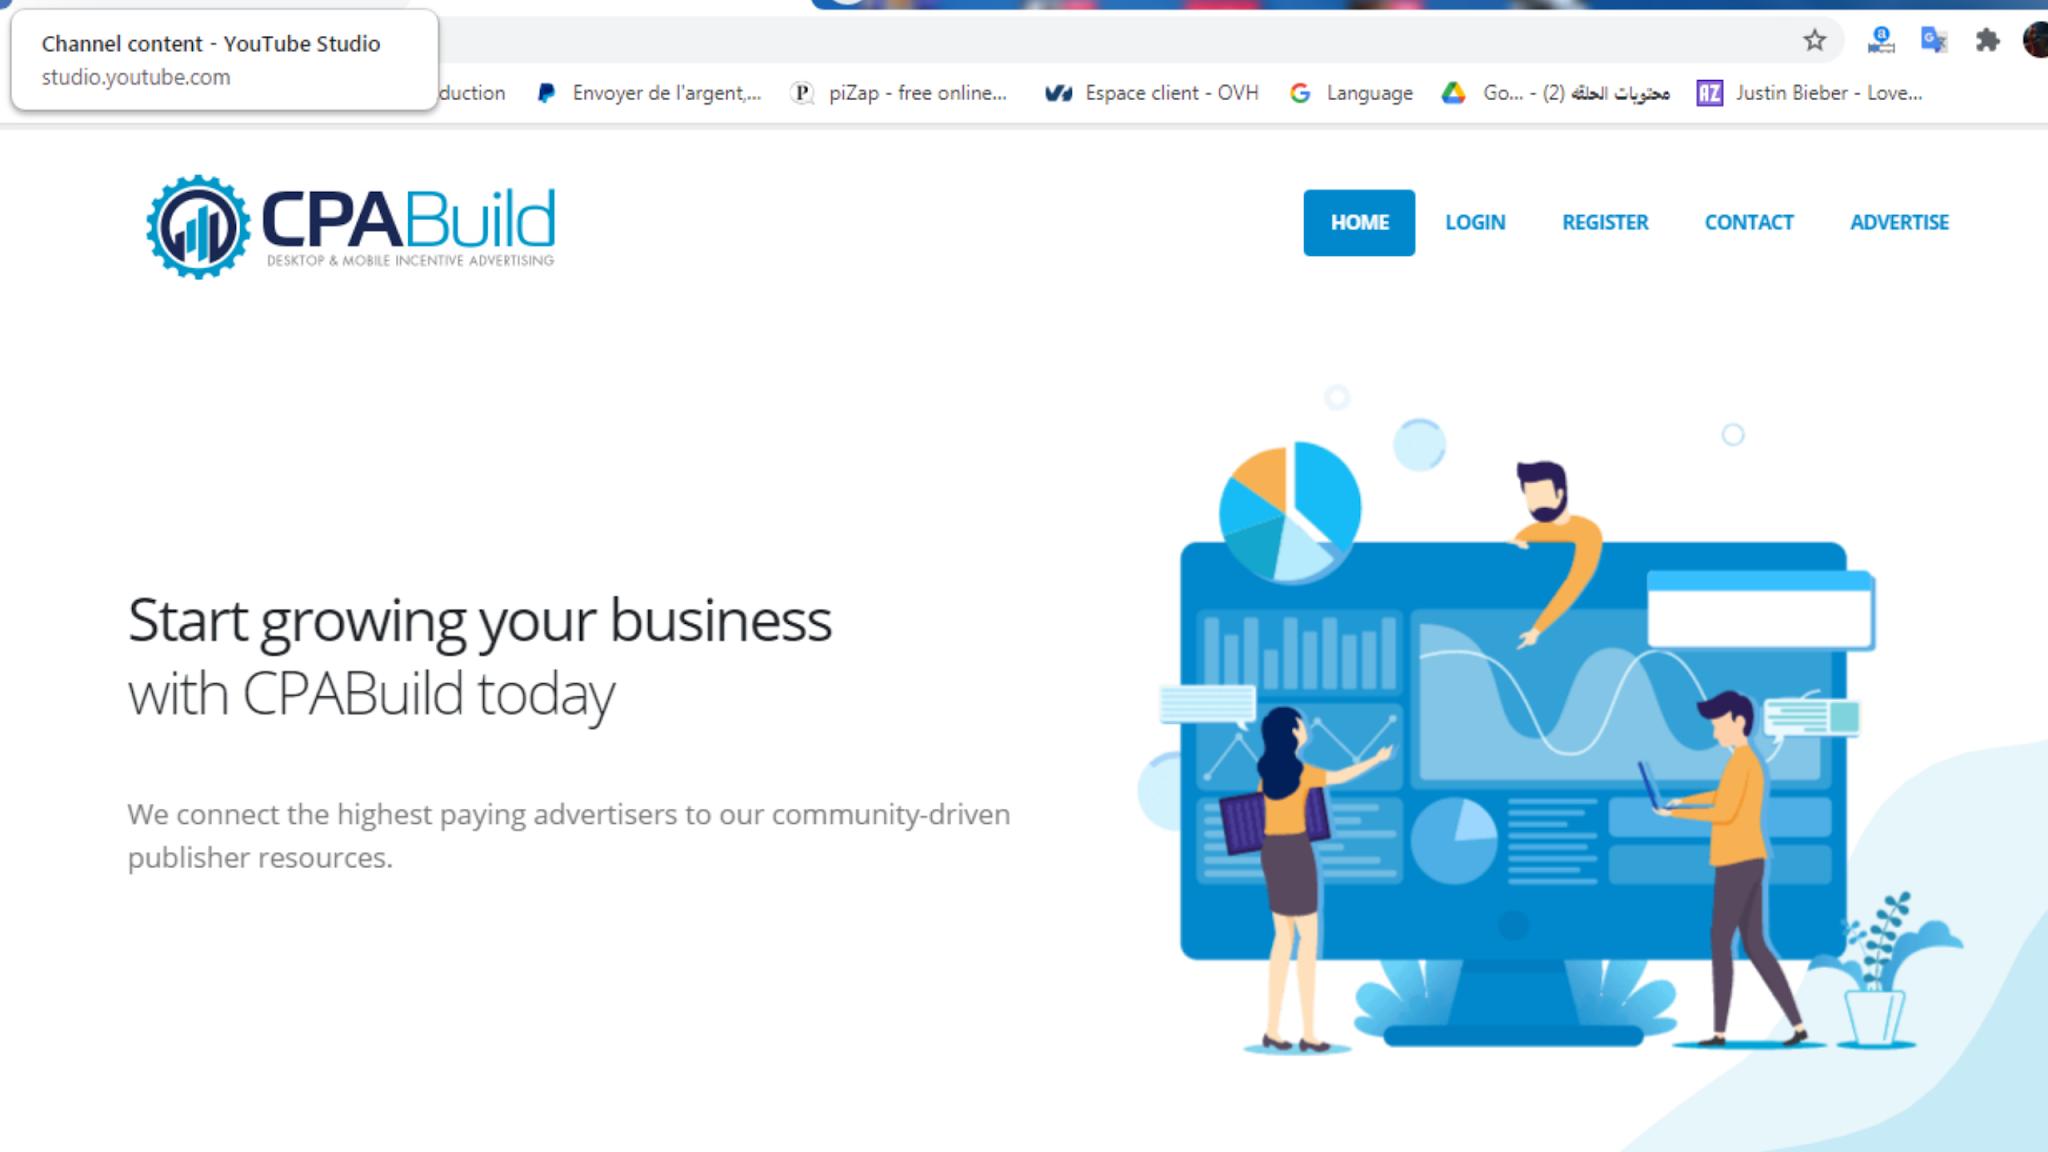 شرح التسجيل في cpabuild | بعد التحديث الجديد | 2021